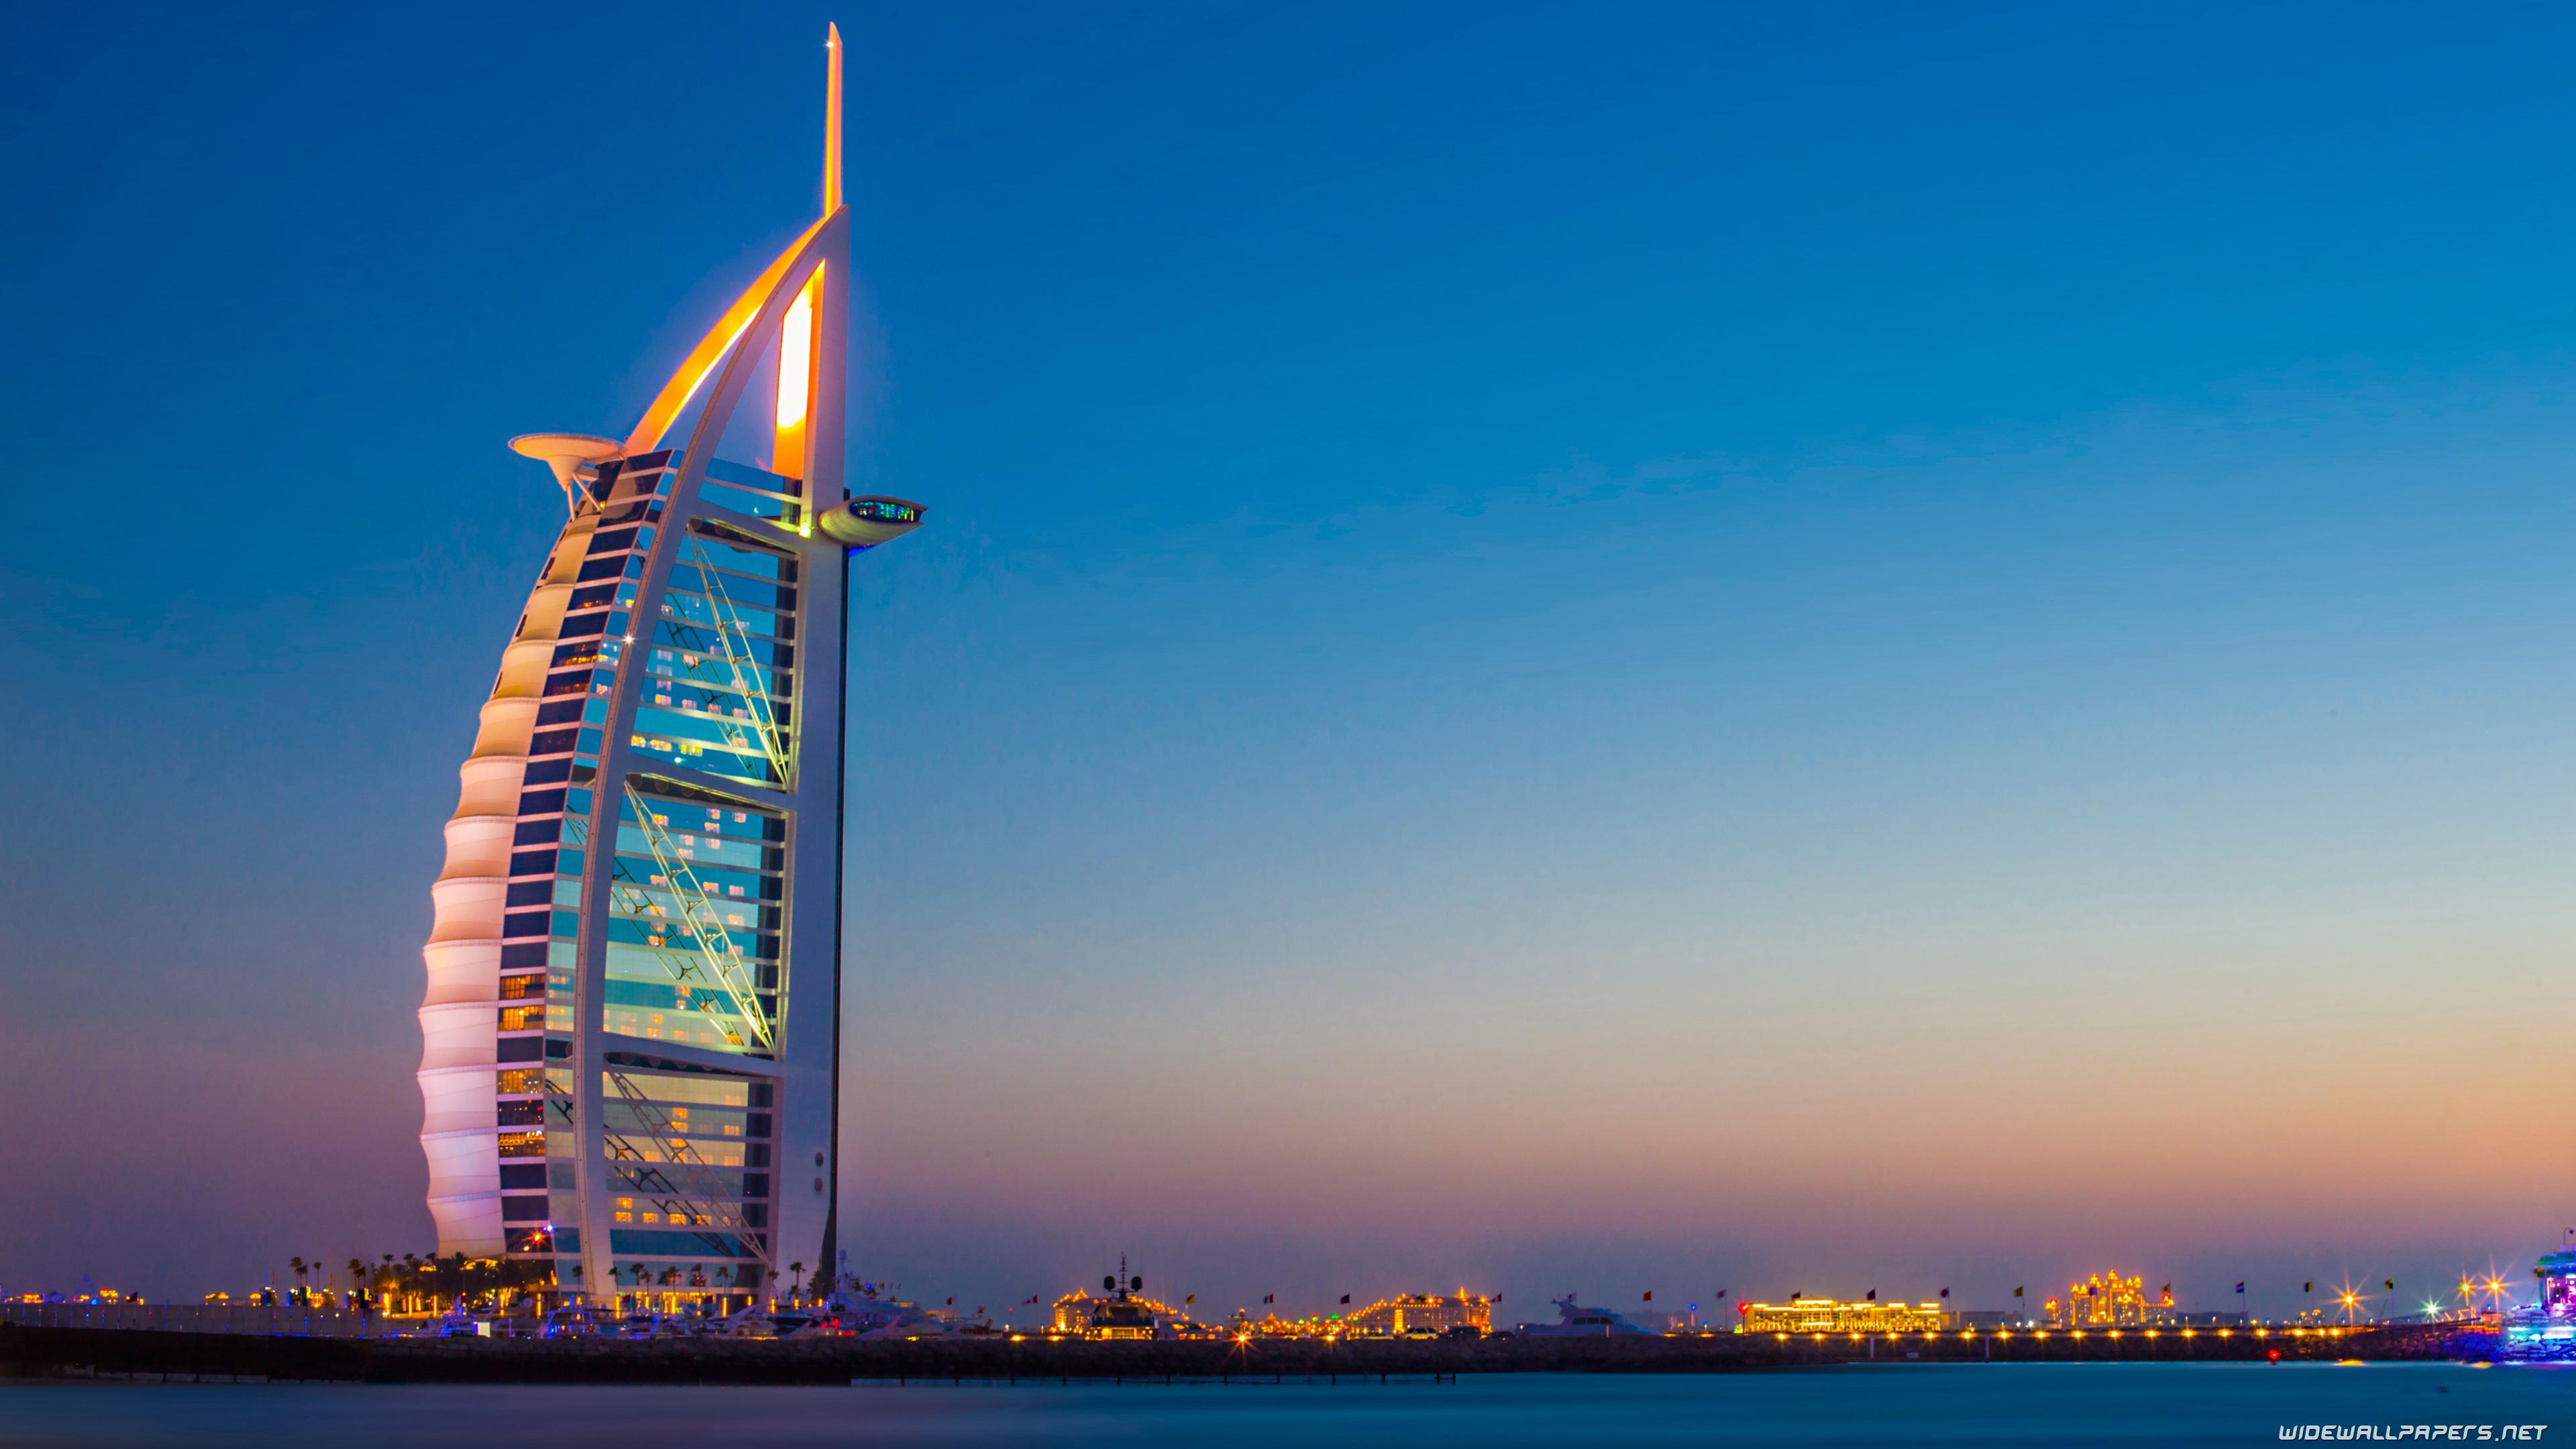 Burj Al Arab Dubai, United Arab Emirates At Night 4k Ultra